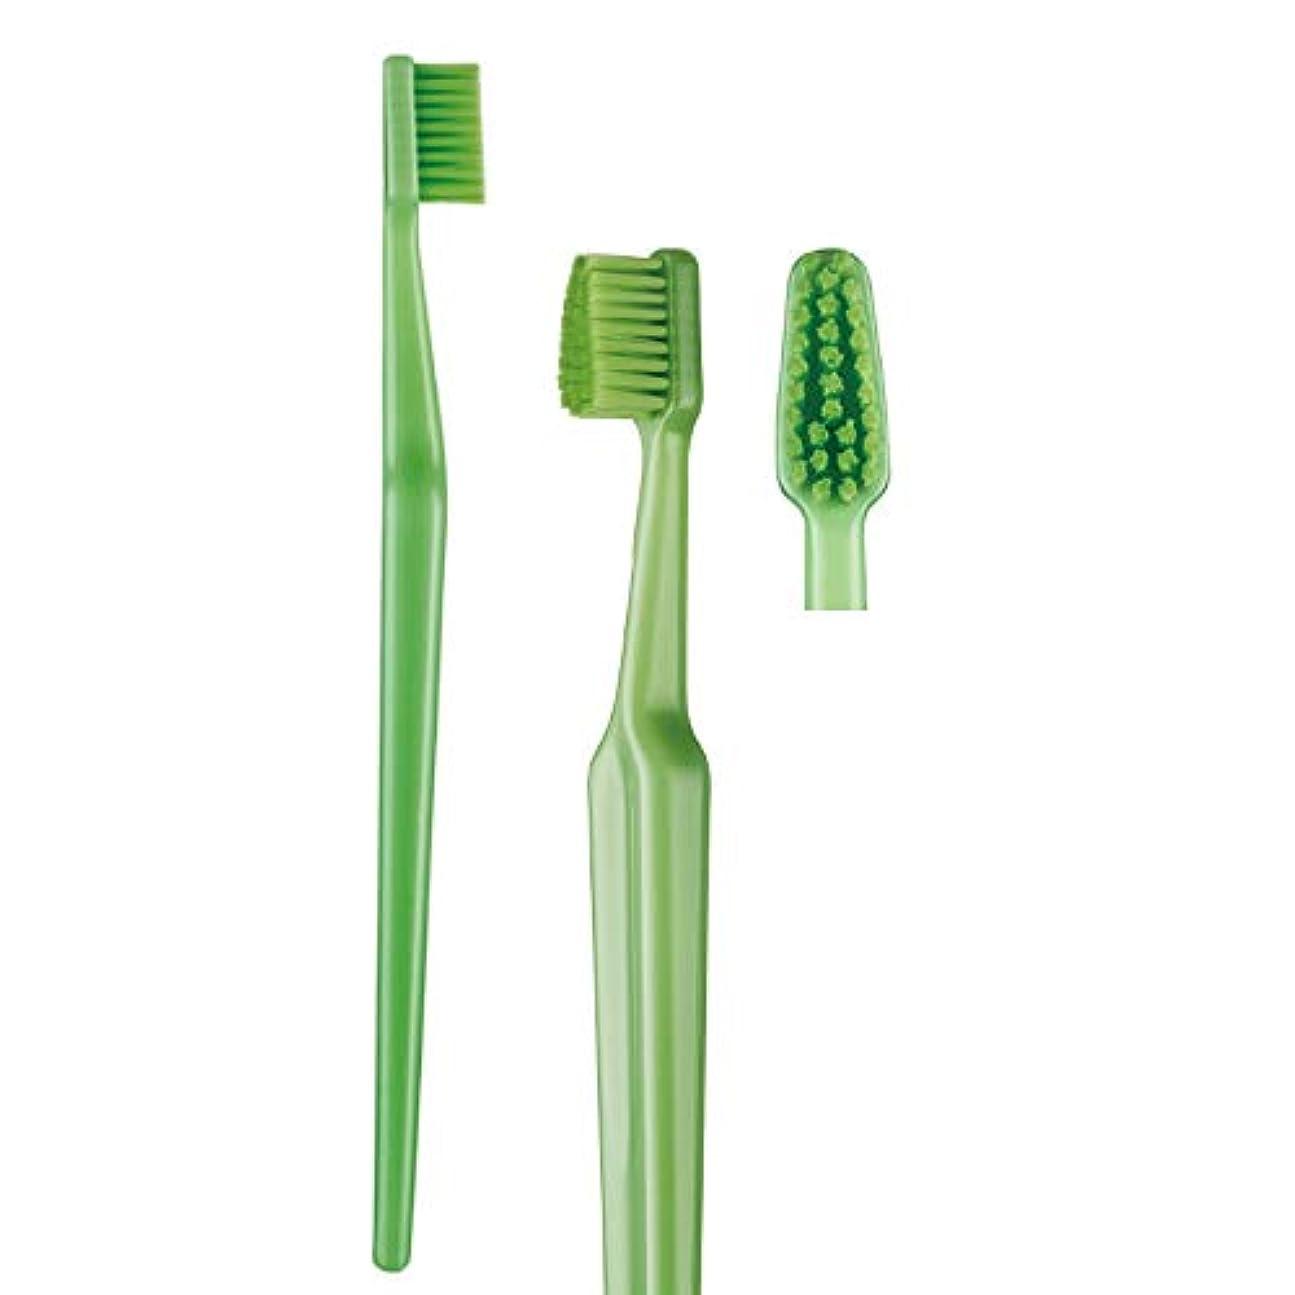 証言するセメントバンガロー歯科専売品 大人用歯ブラシ TePe GOOD (グッド) コンパクト ソフト(やわらかめ) ヘッド中 1本